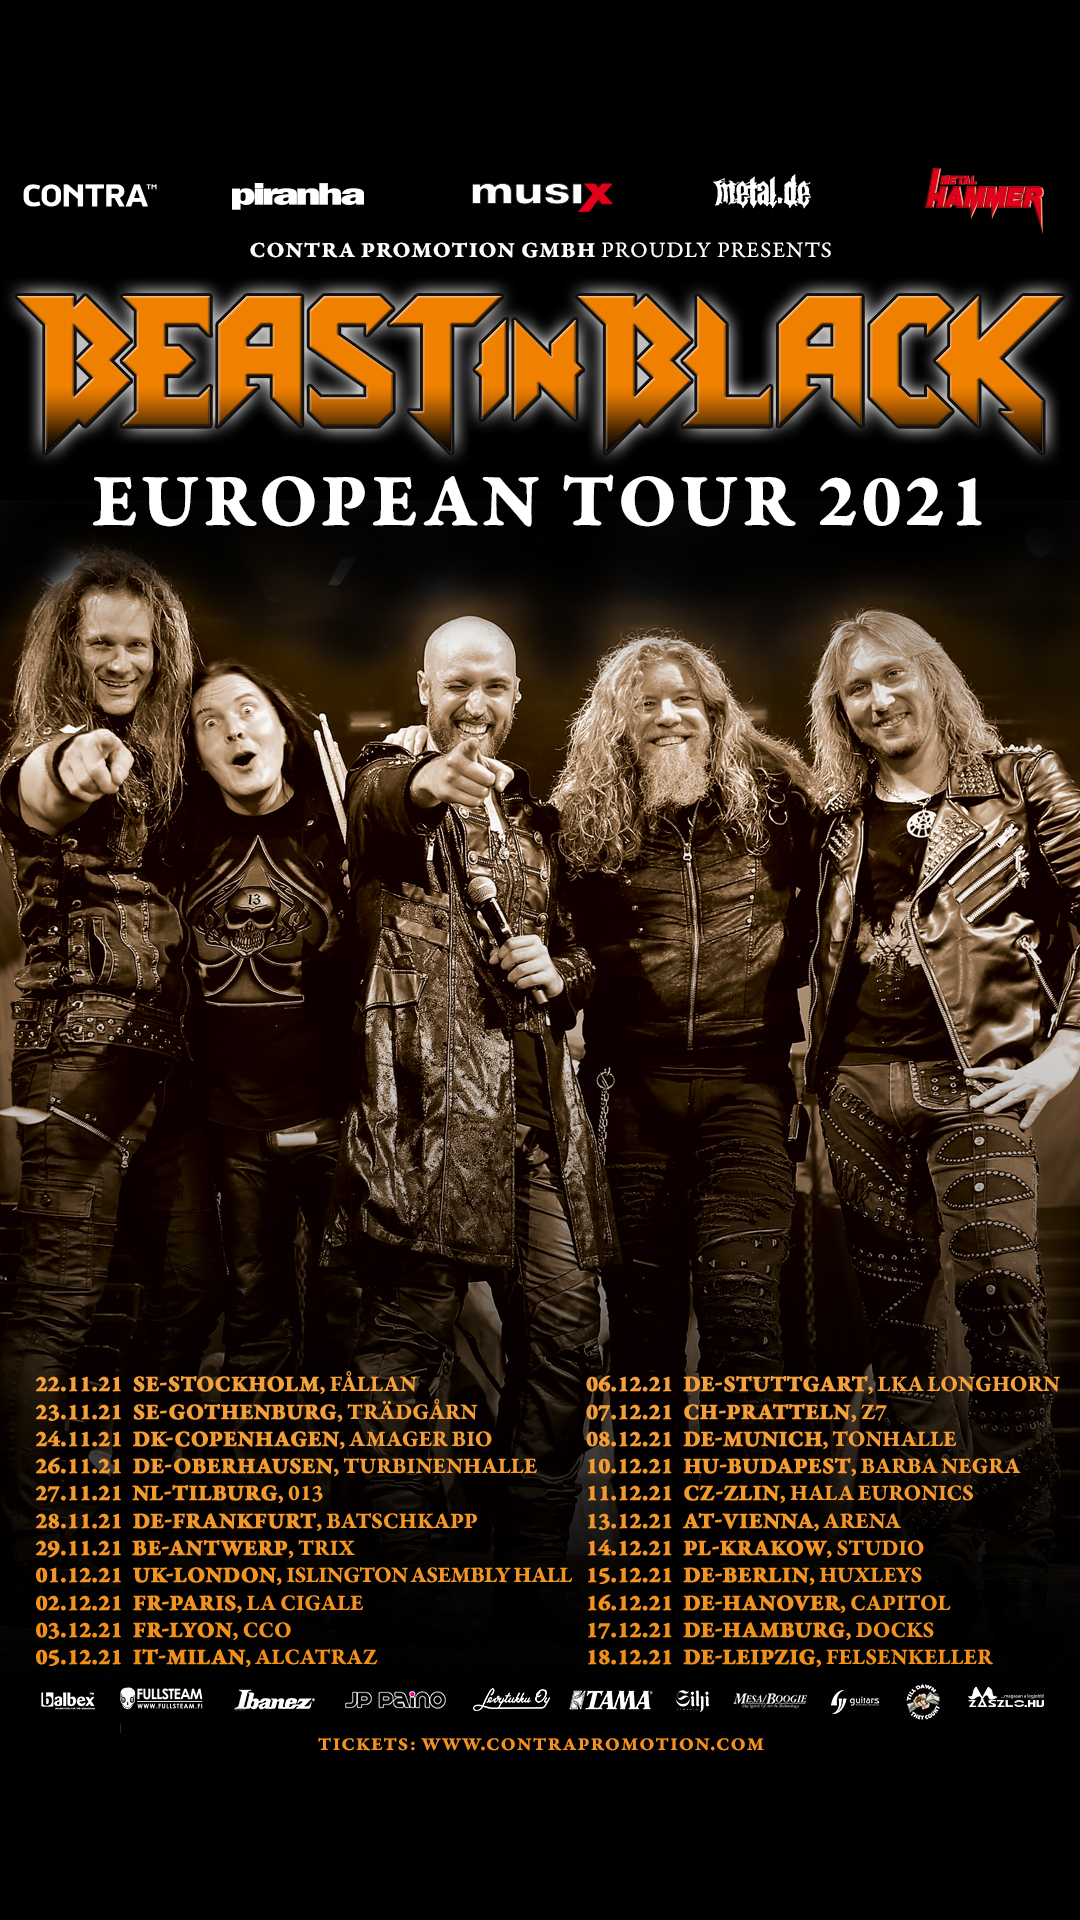 European Pga Tour 2021